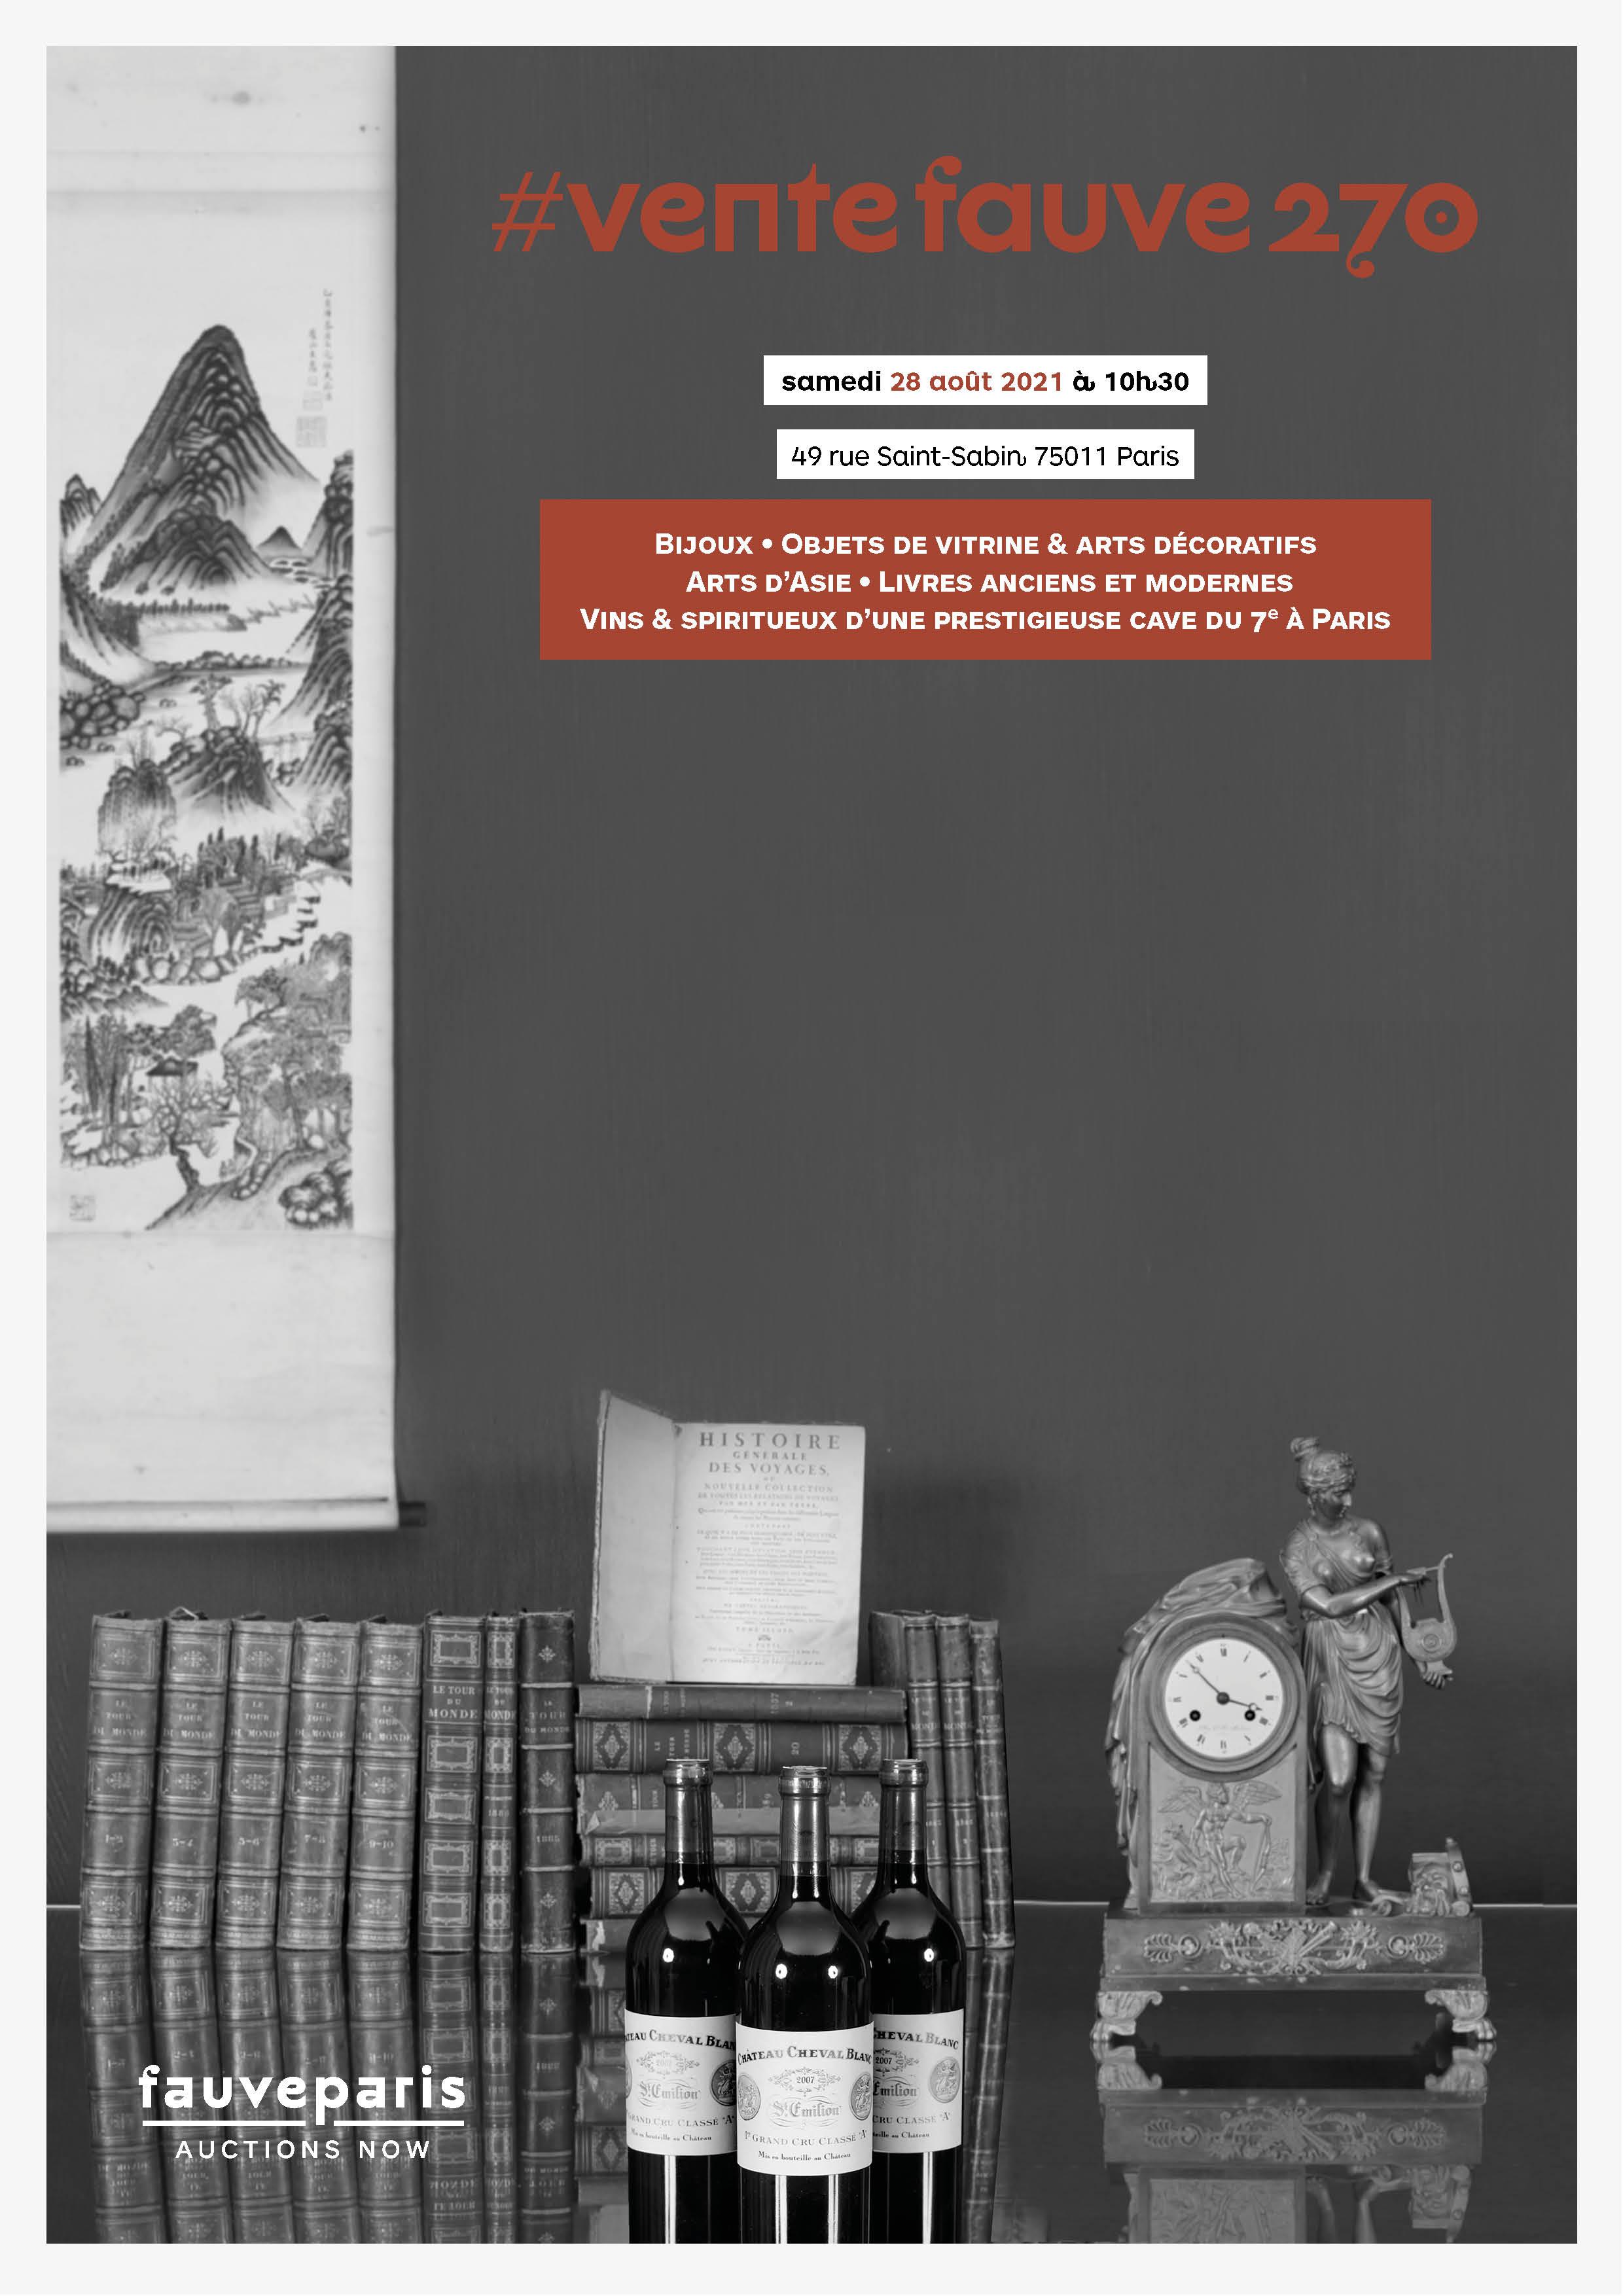 Vente Bijoux • Objets de vitrine & Arts Décoratifs • Arts d'Asie • Livres anciens et modernes • Vins & spiritueux chez FauveParis : 117 lots